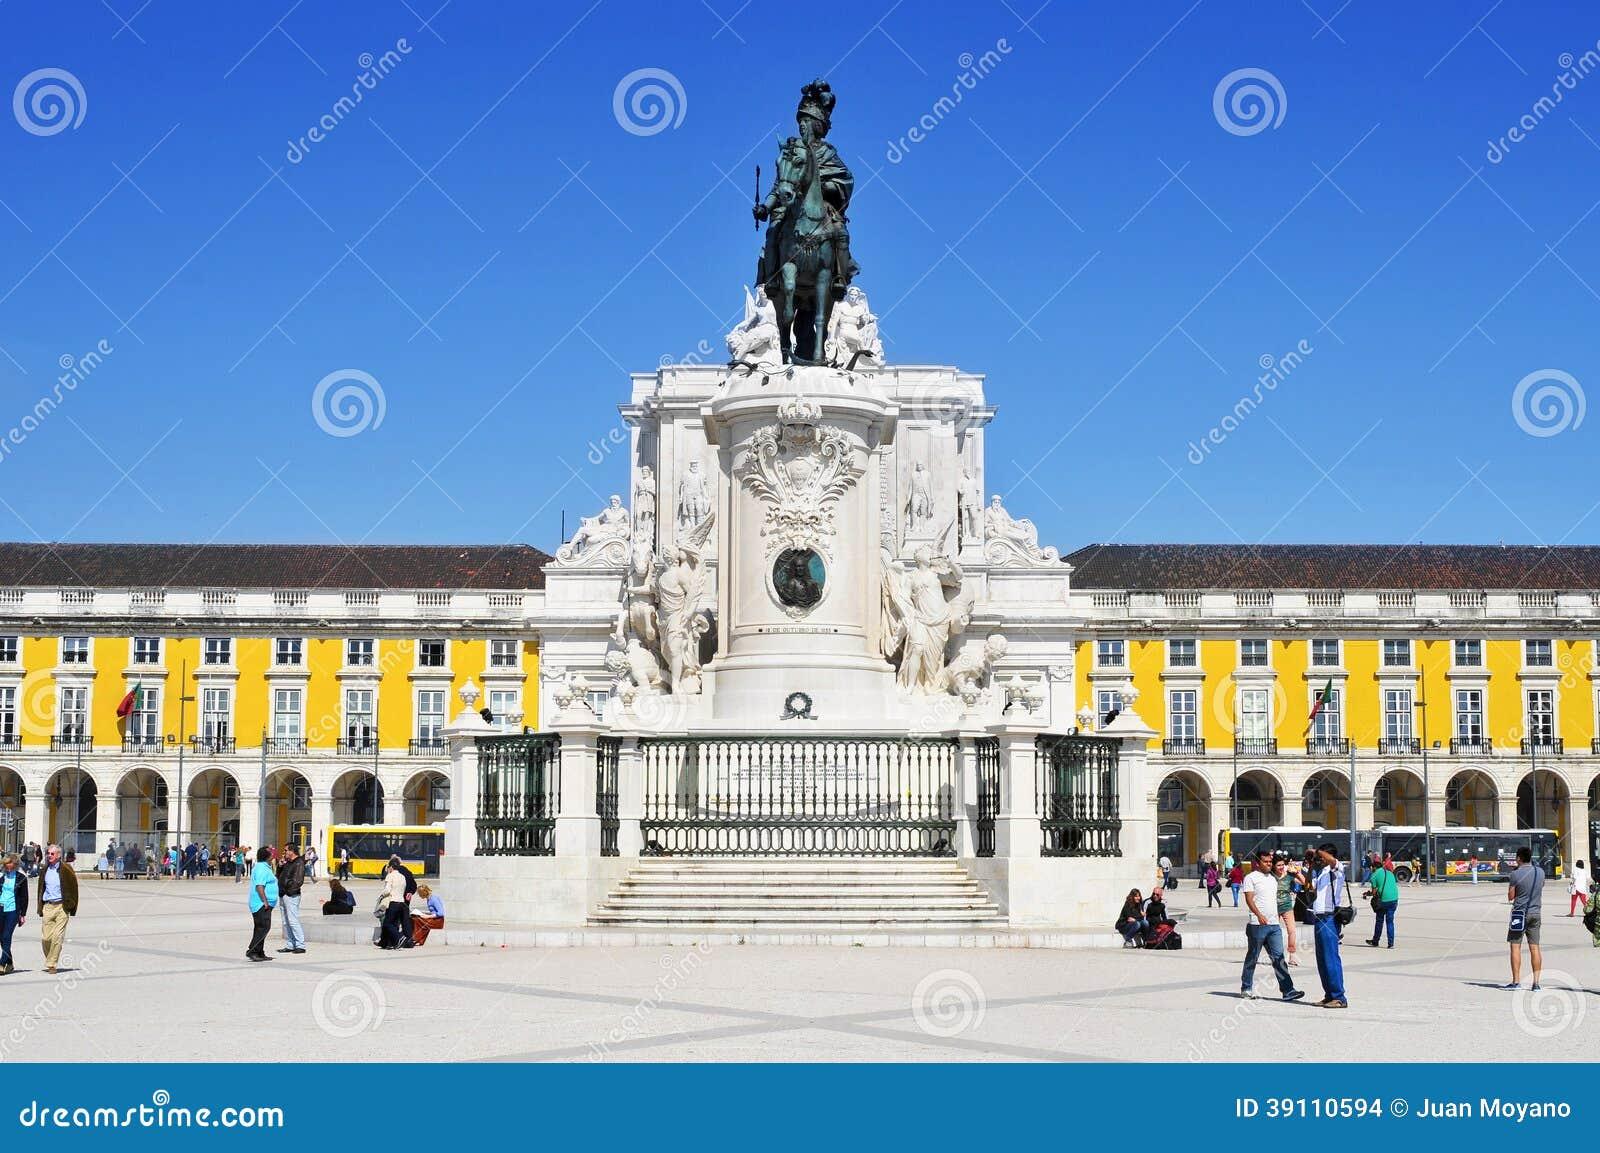 Praca do Comercio in Lissabon, Portugal